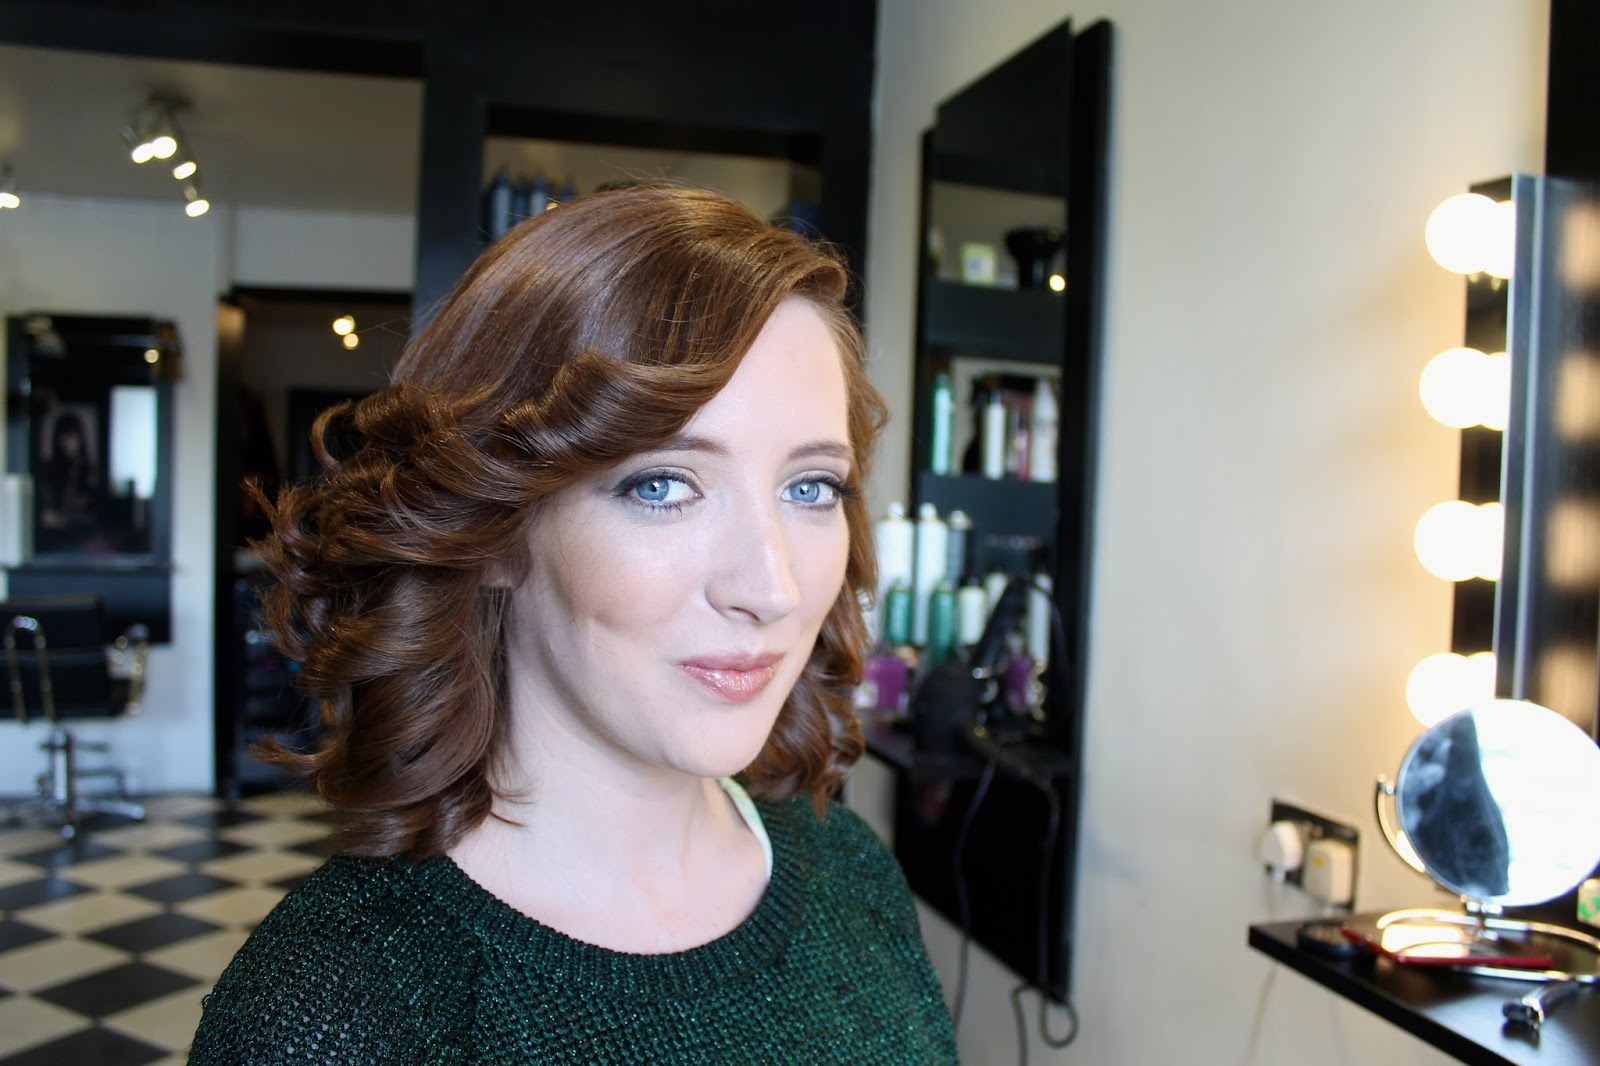 Bec Boop after her makeover in Prestige Salon Galway